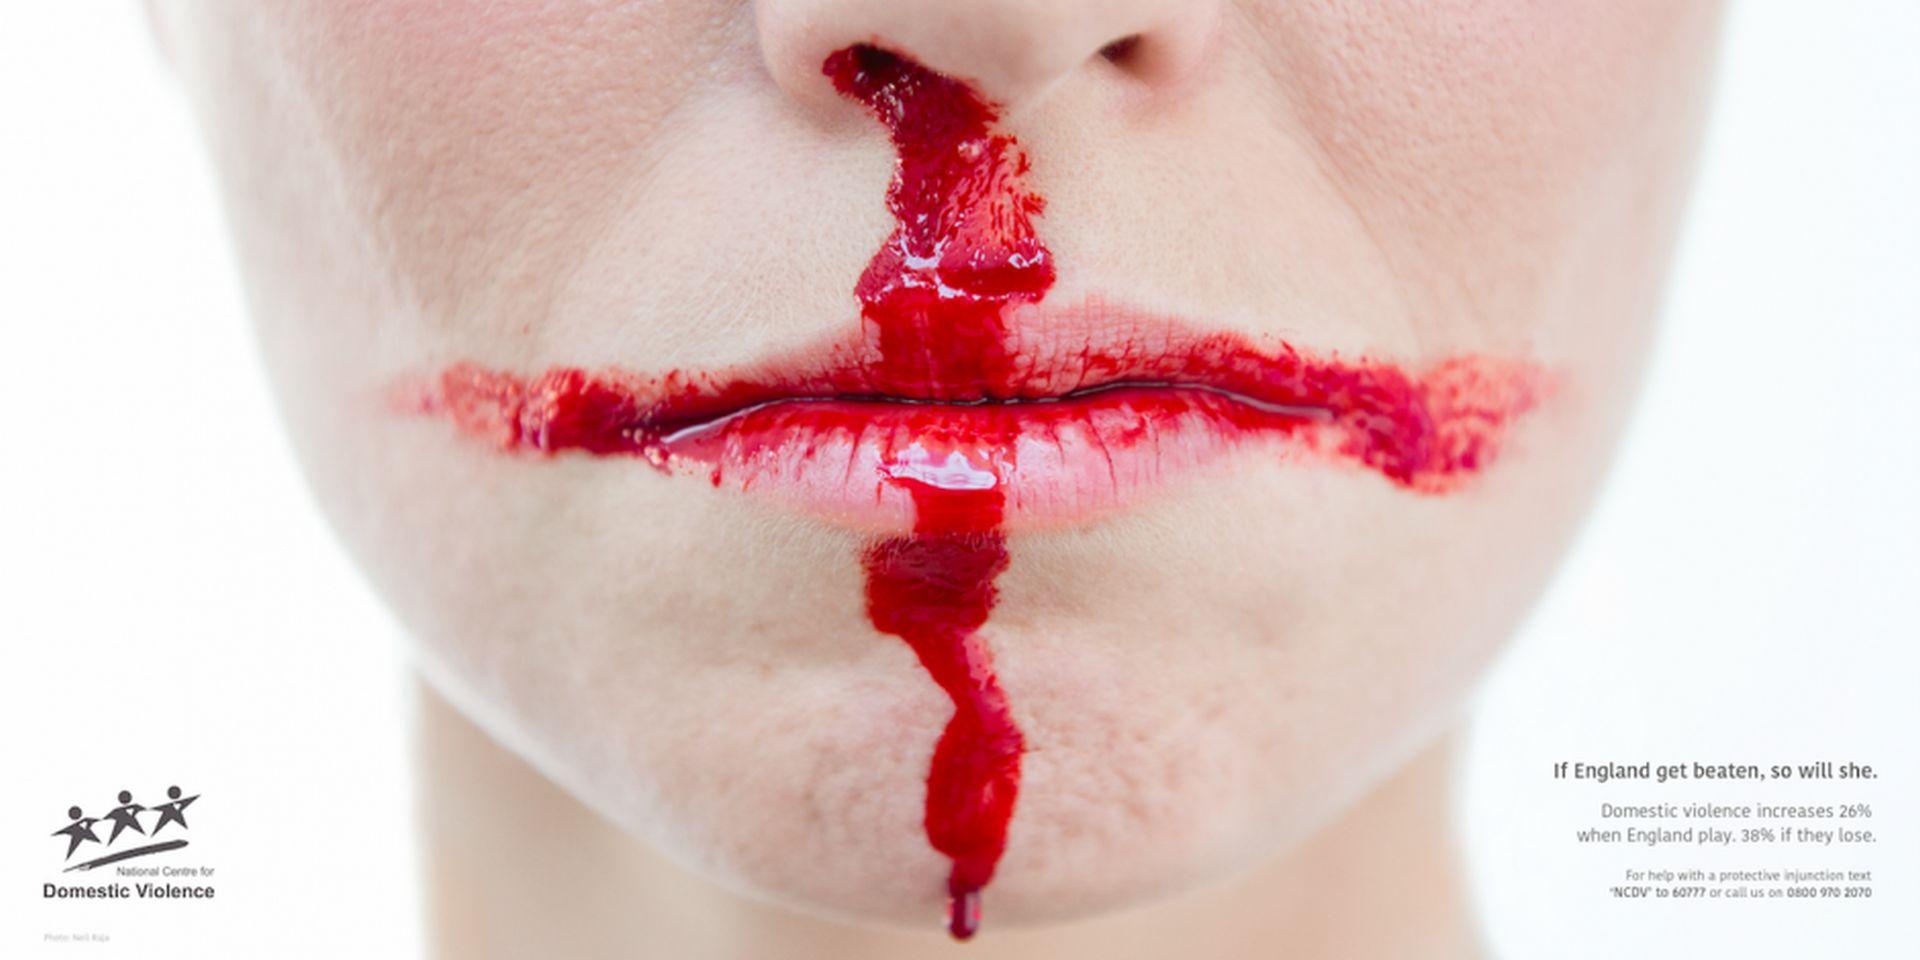 Poraz od Hrvatske razbuktao obiteljsko nasilje u Engleskoj